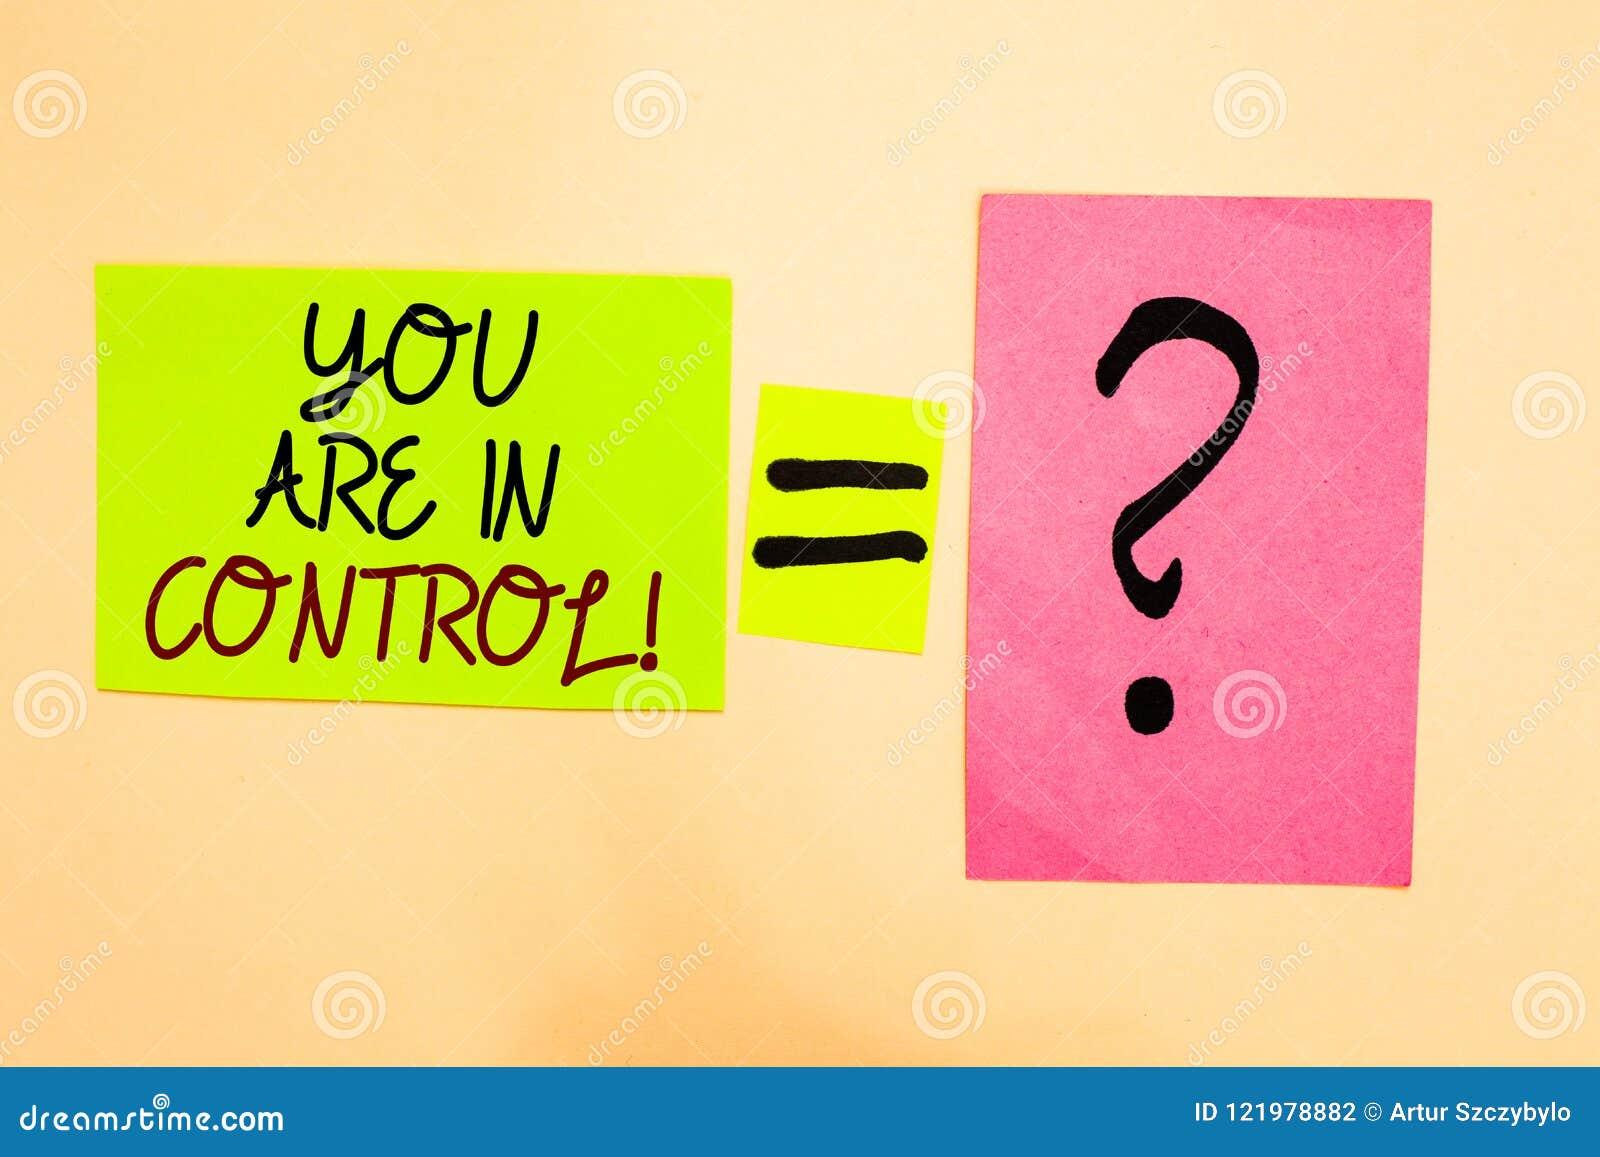 显示您的文字笔记在控制中 在书面的情况管理当局的企业照片陈列的责任